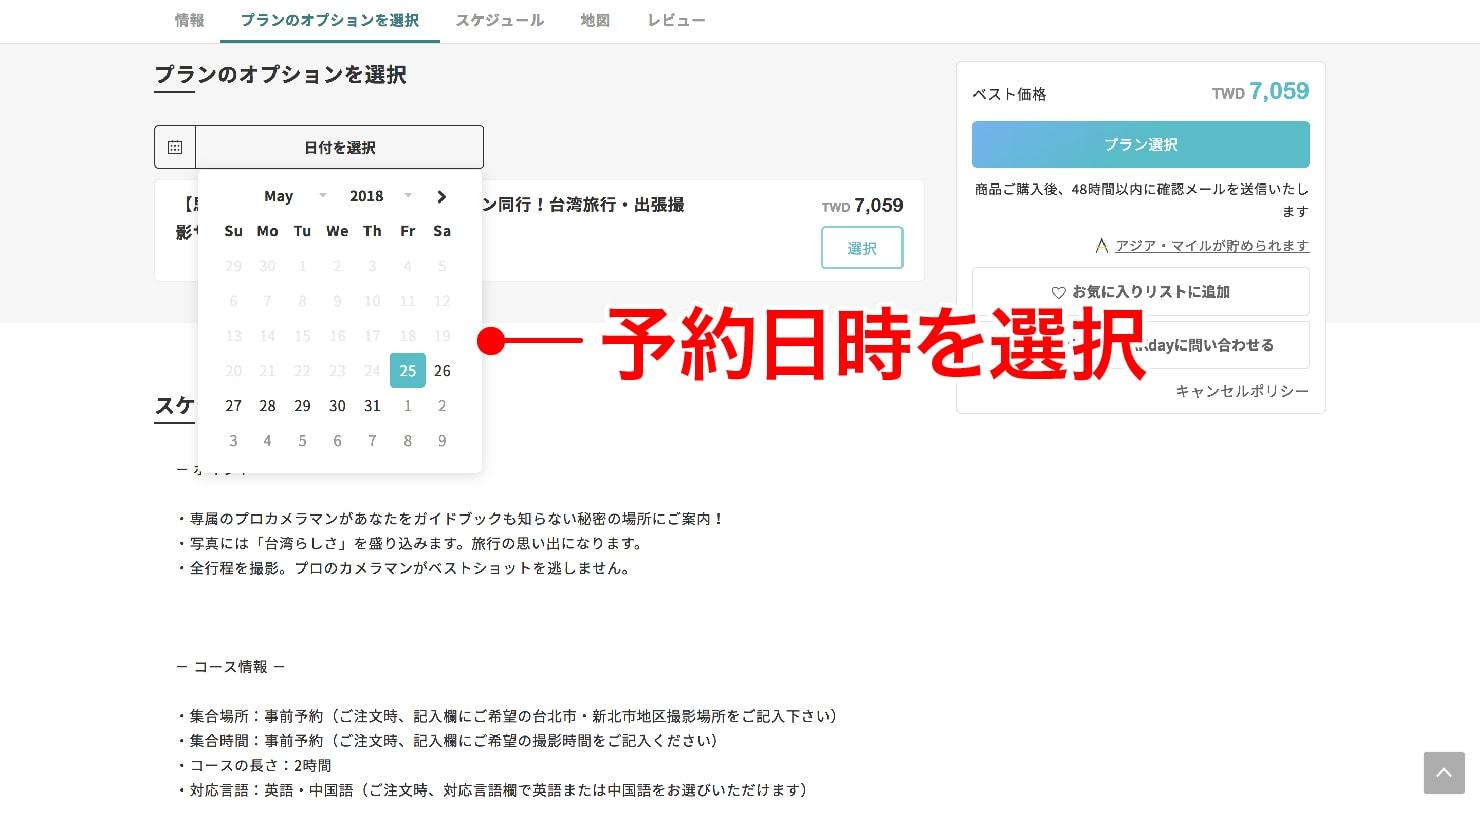 KKday台湾旅行・出張撮影サービスの予約画面3